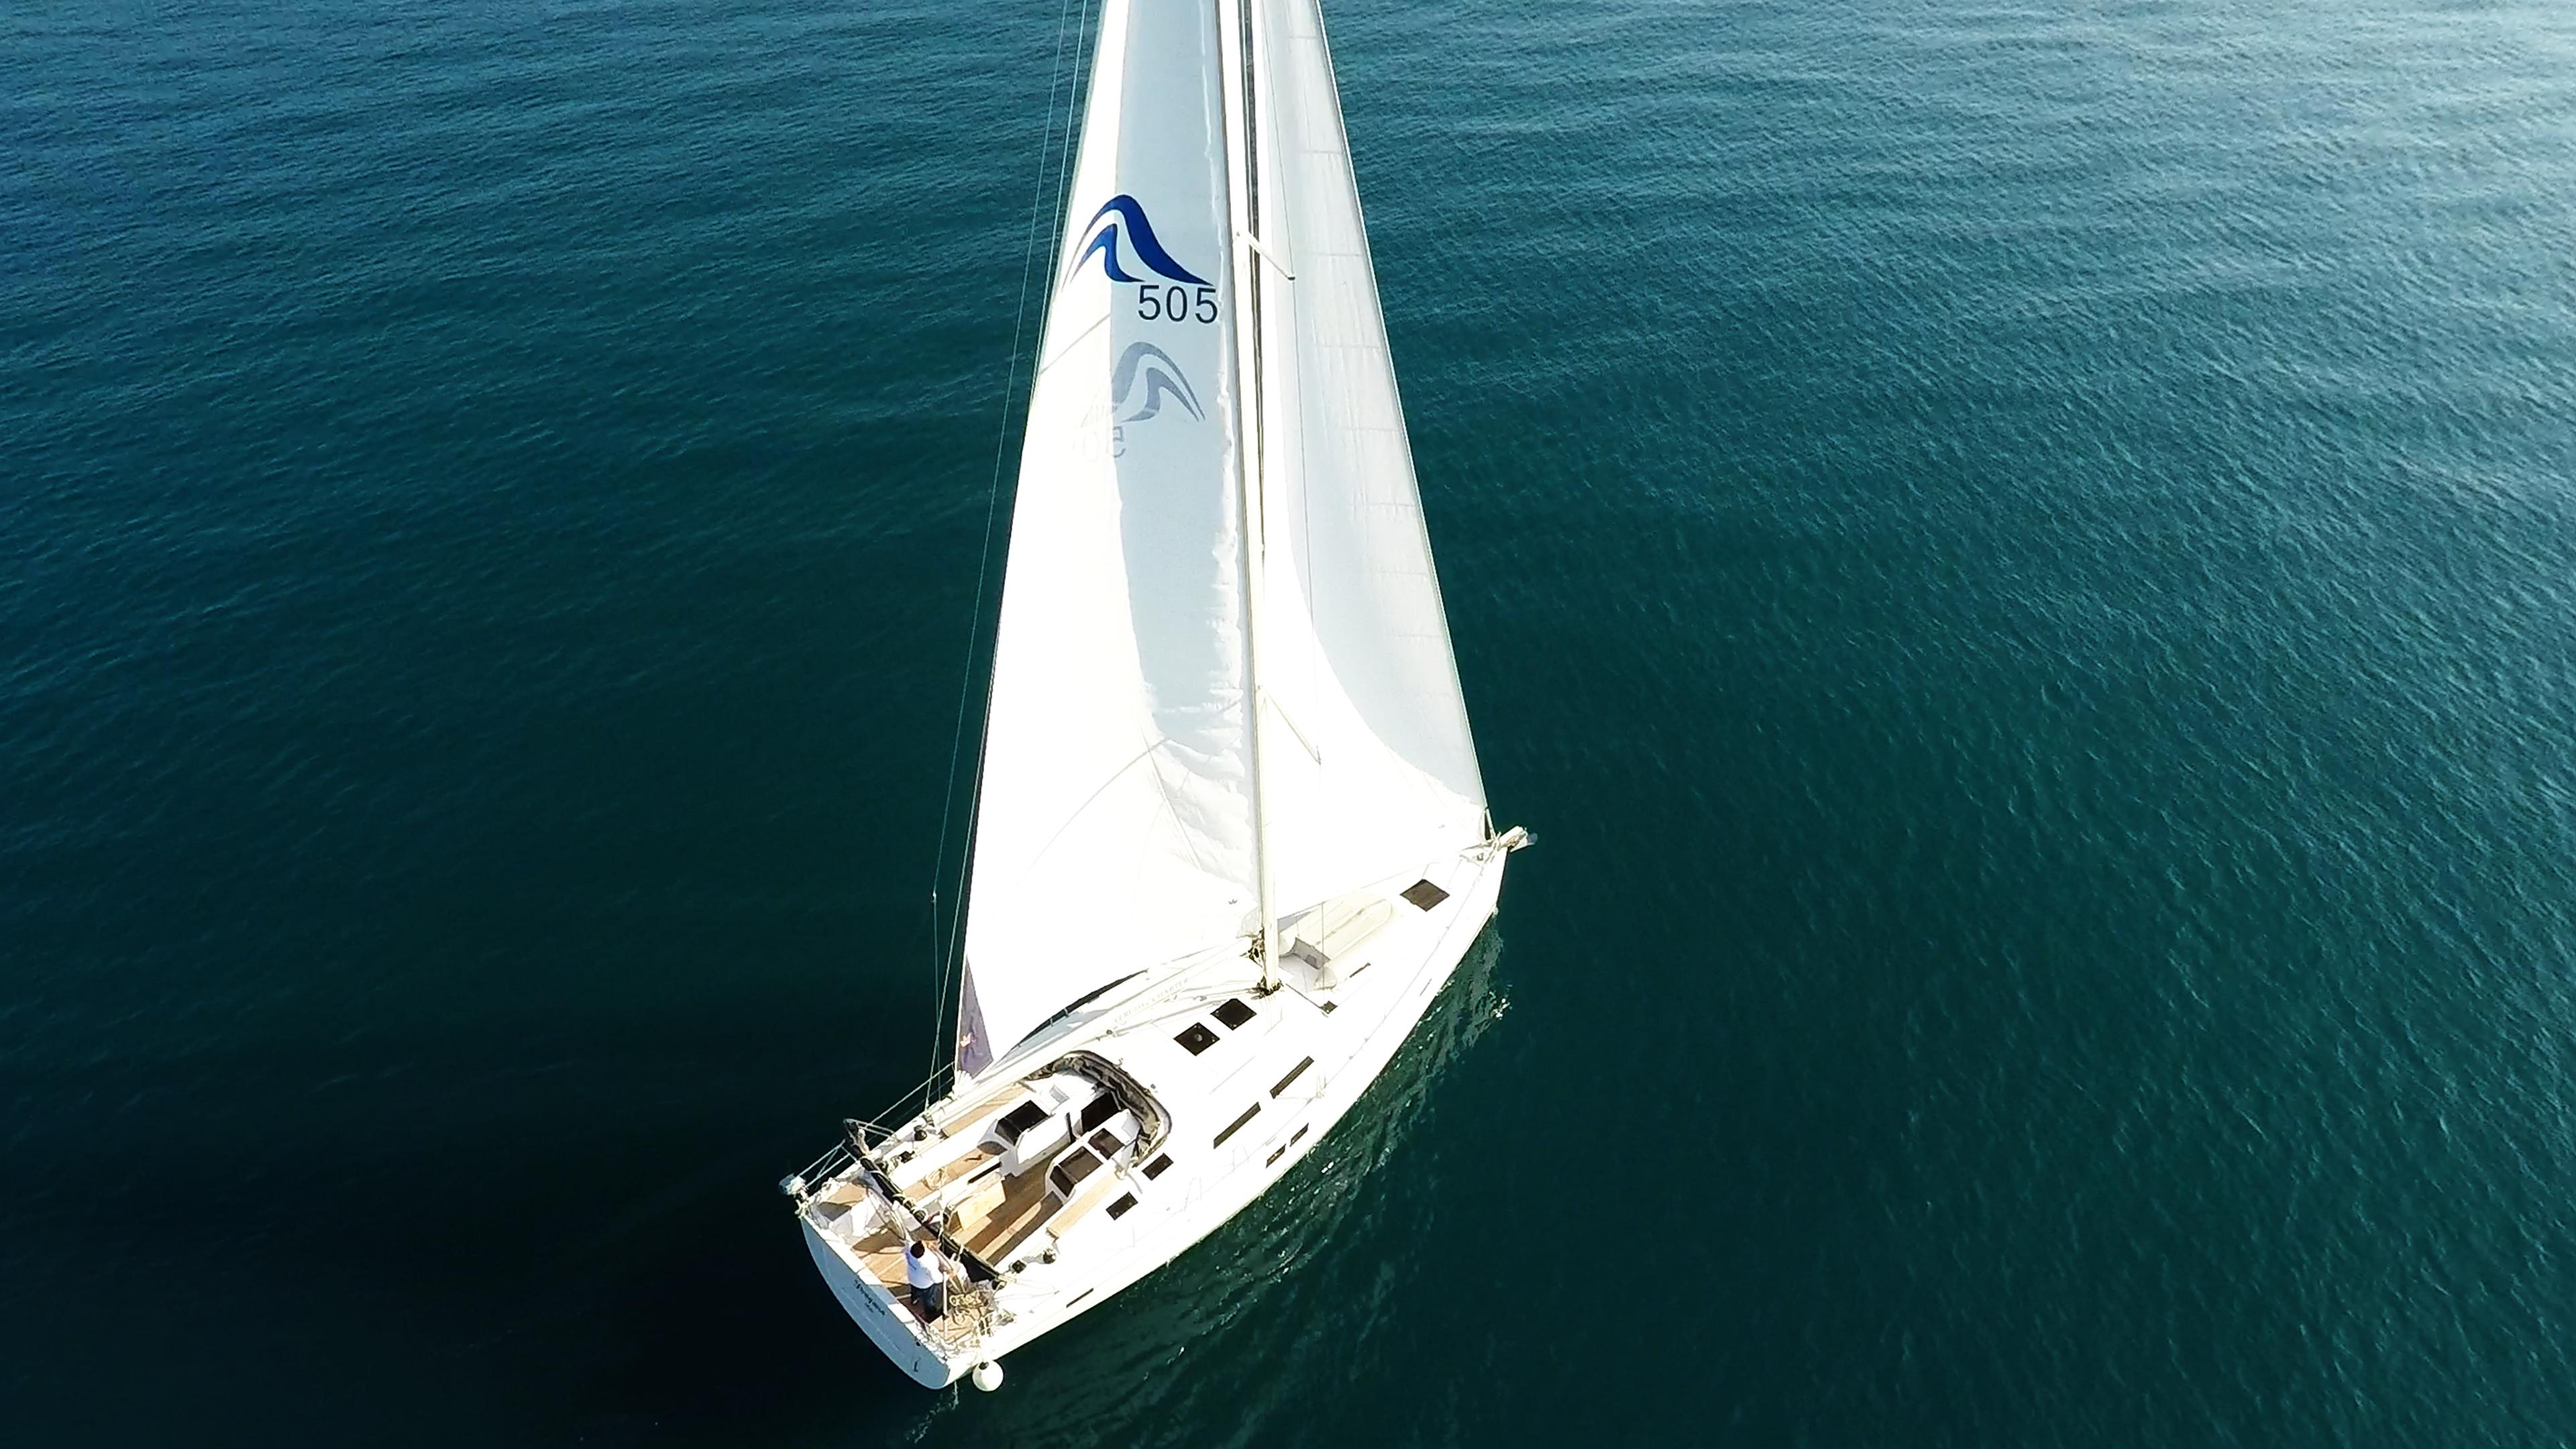 barcha a vela Hanse 505 yacht a vela aereo 1